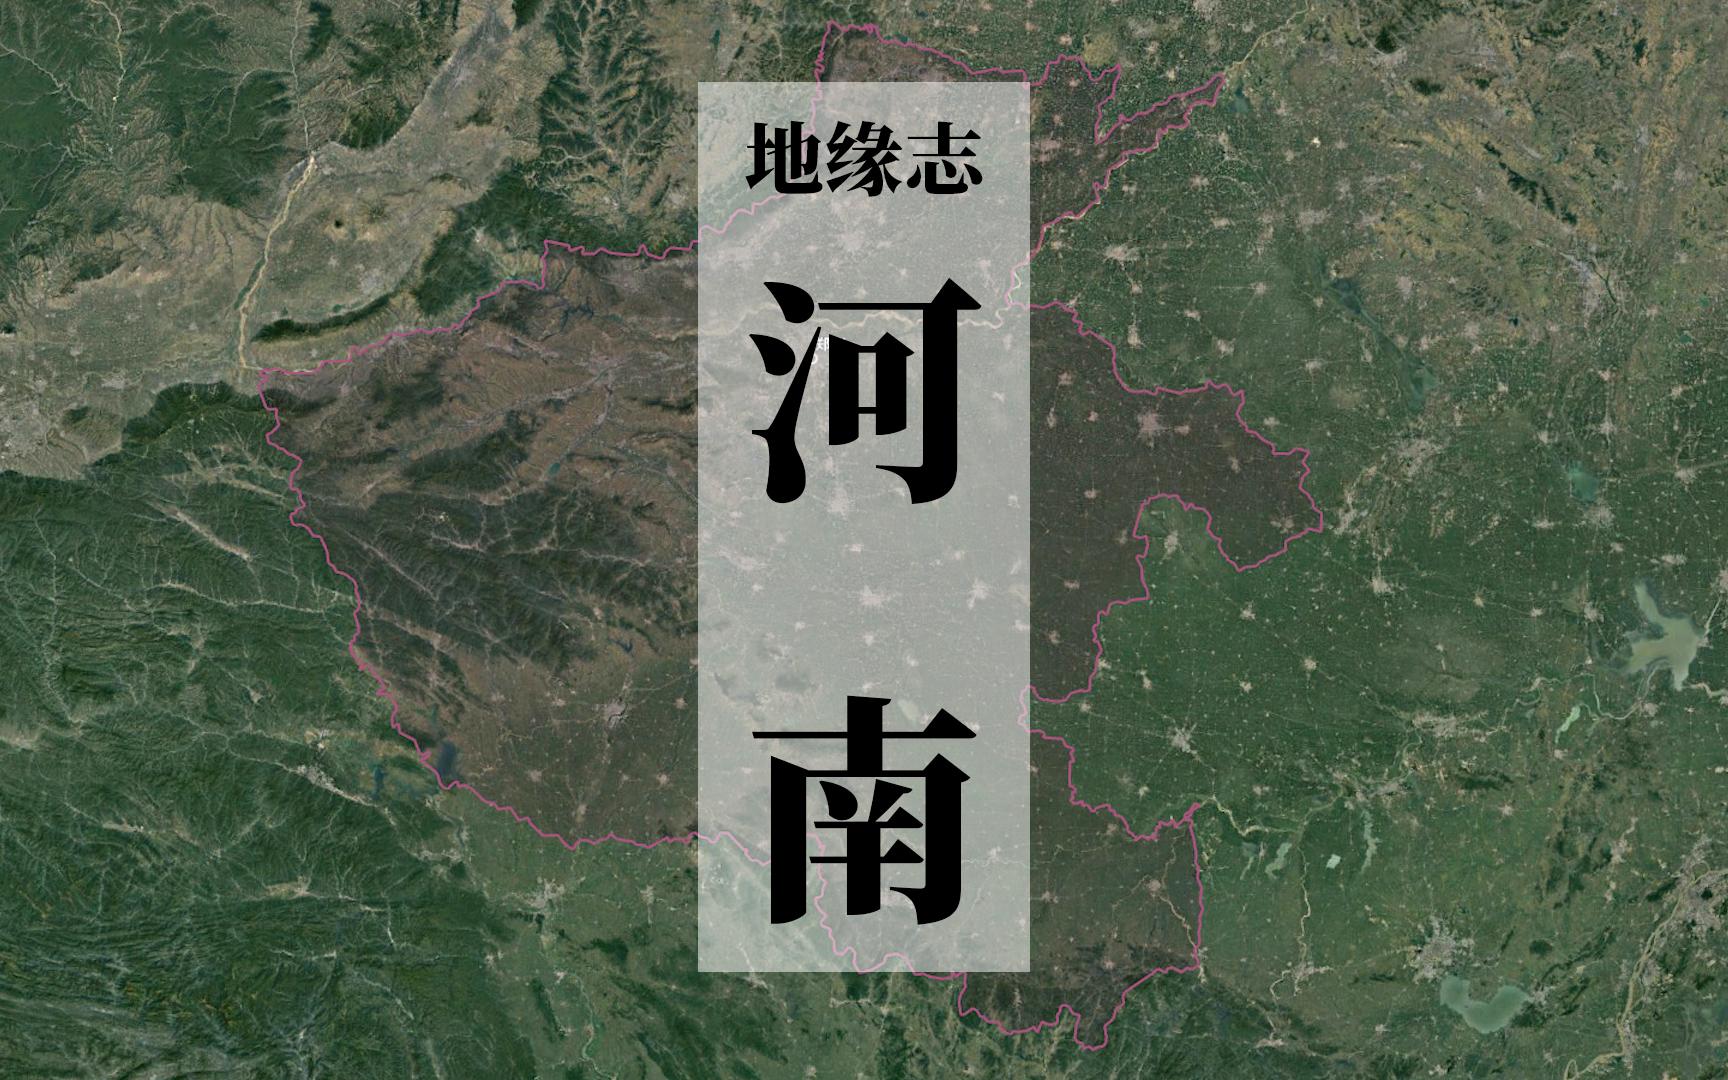 华夏神都,天下之中,河南为什么是群雄问鼎的核心? 看中国10【地缘志】